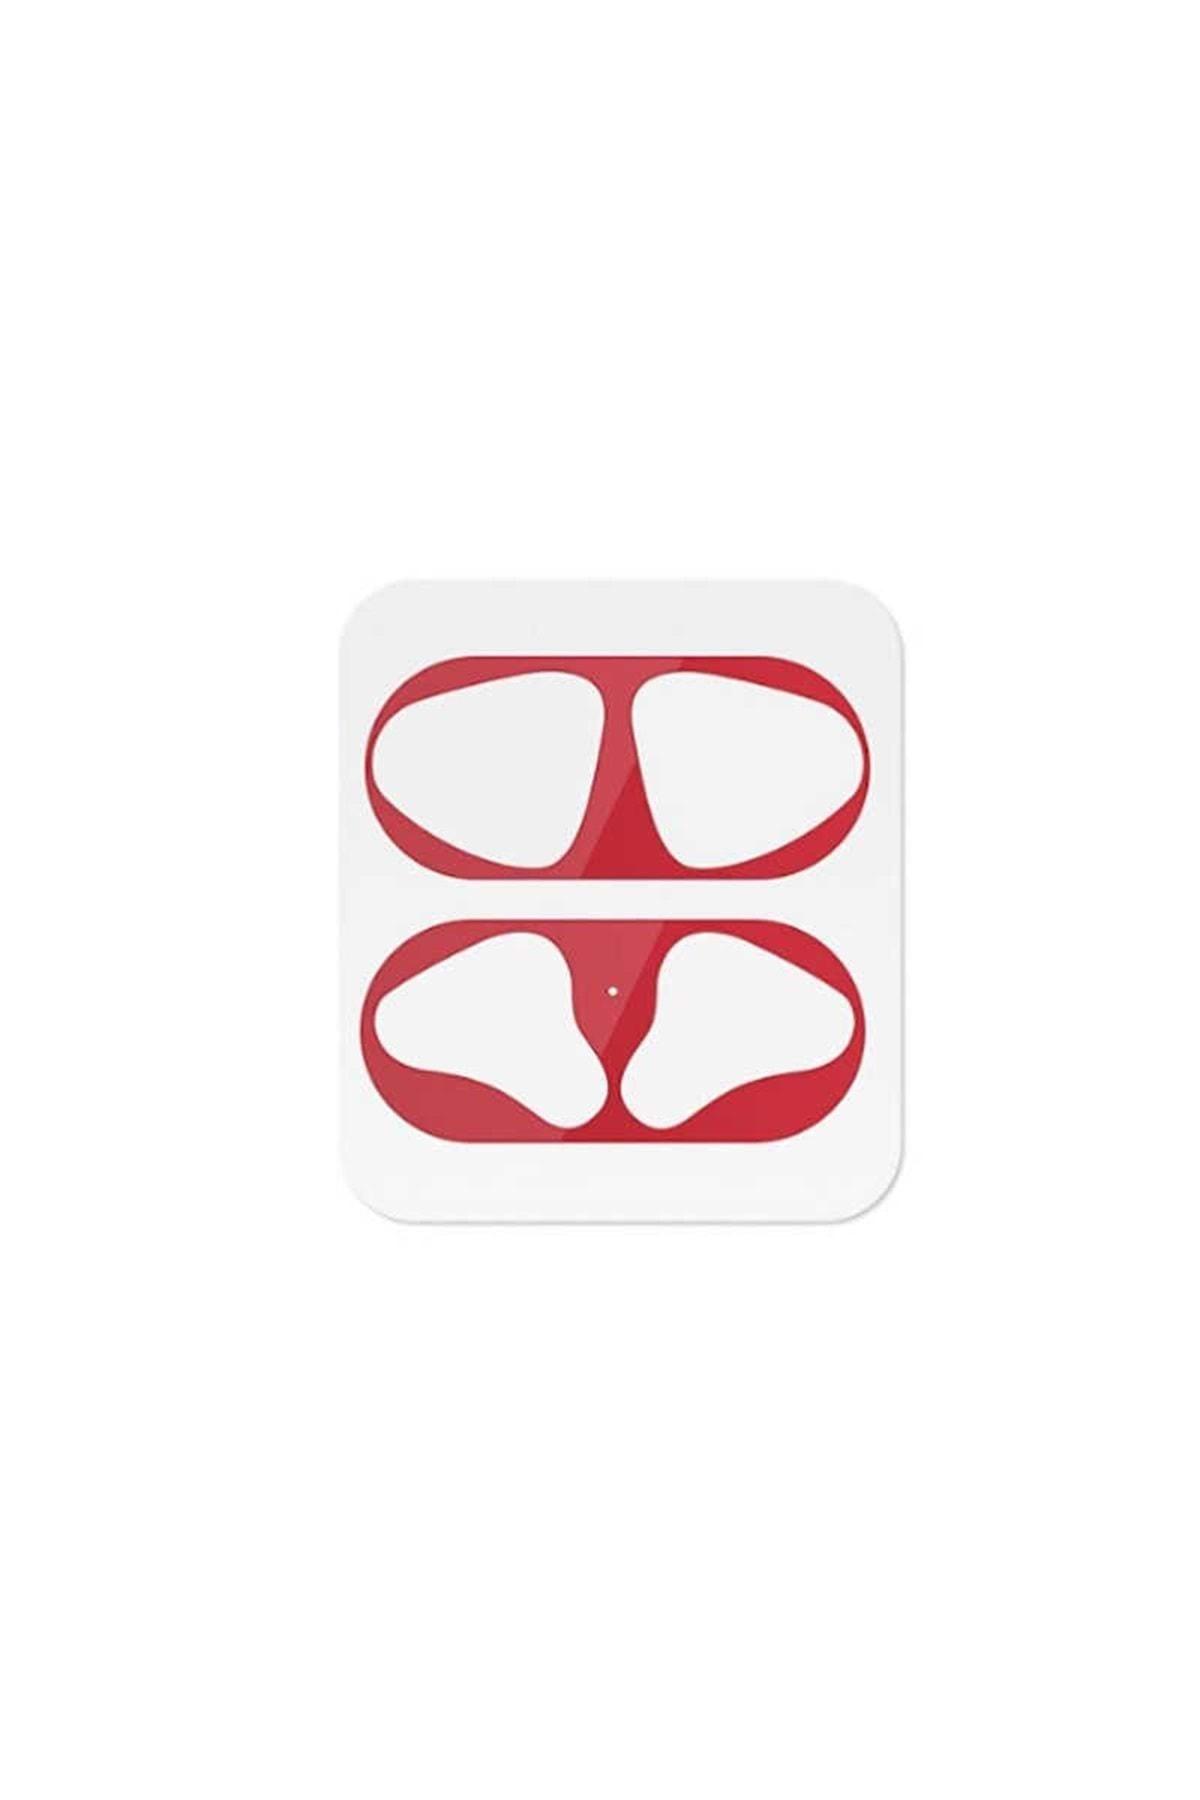 zore Airpod Kir Önleyici Sticker 1